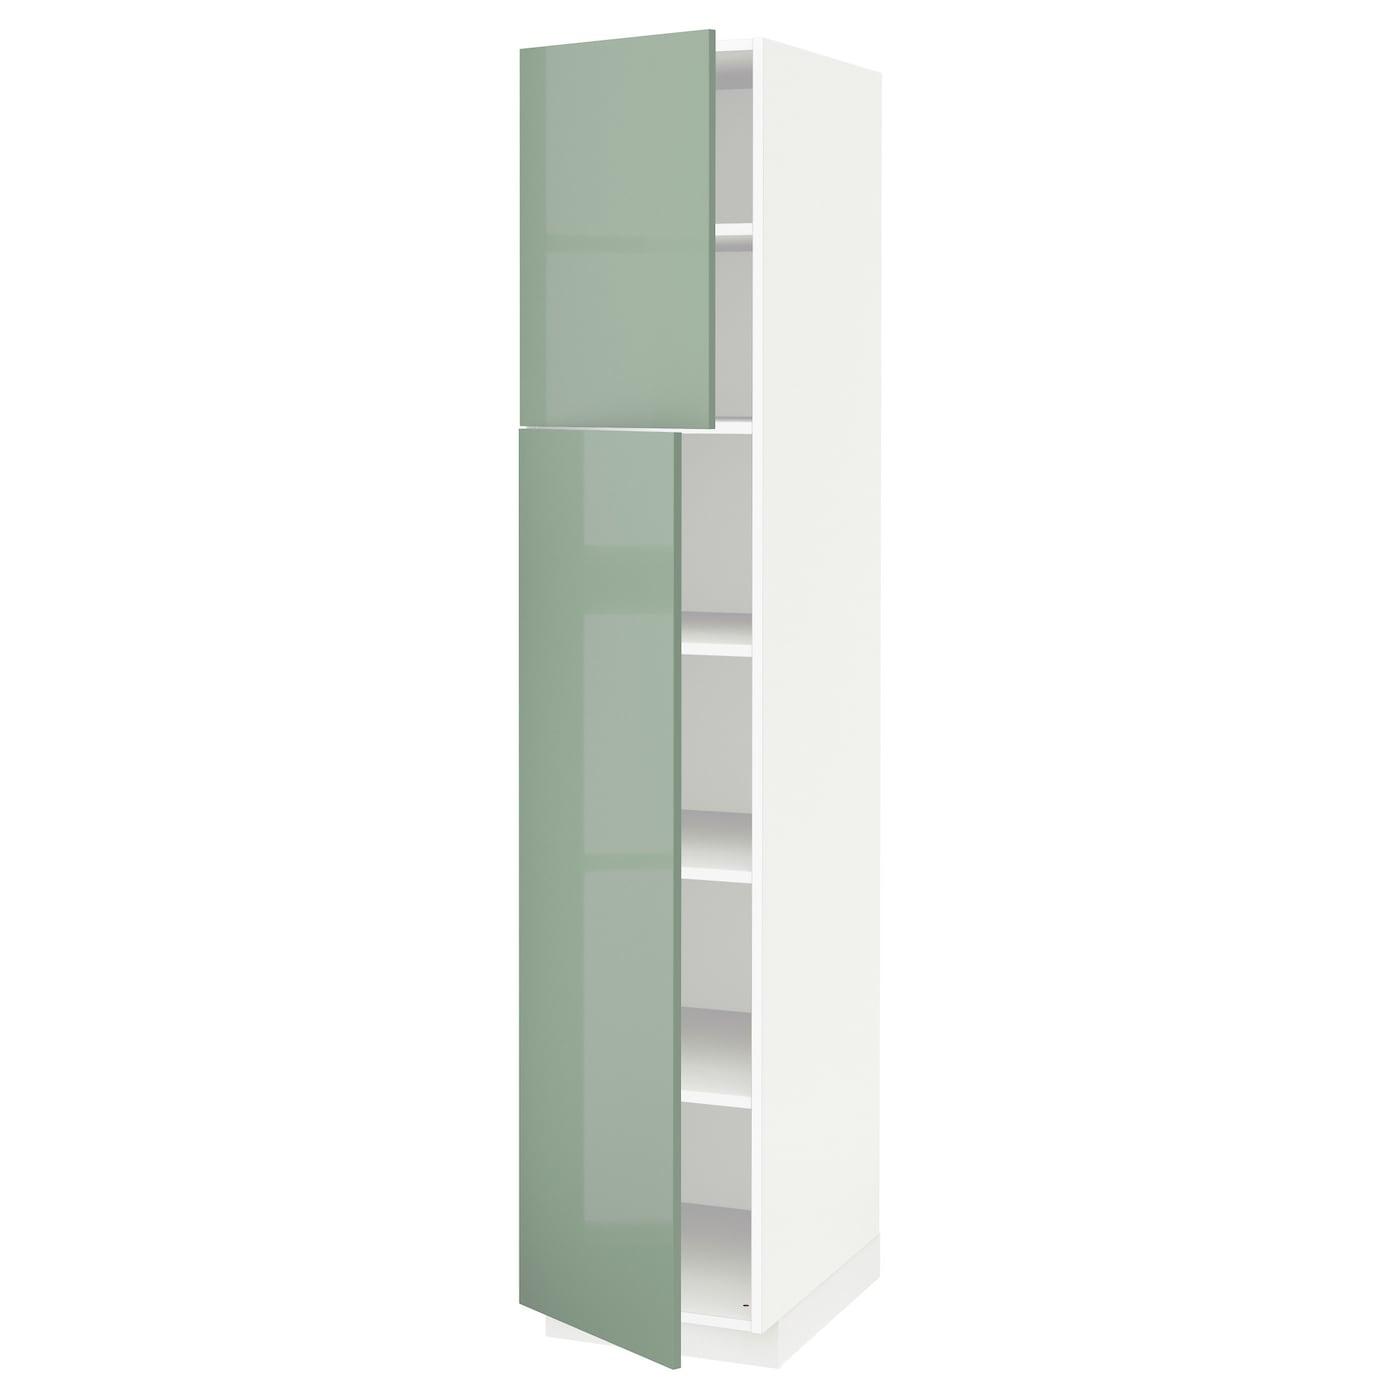 Metod armario alto cocina baldas puertas blanco kallarp verde claro 40 x 60 x 200 cm ikea - Armarios de cocina ikea ...